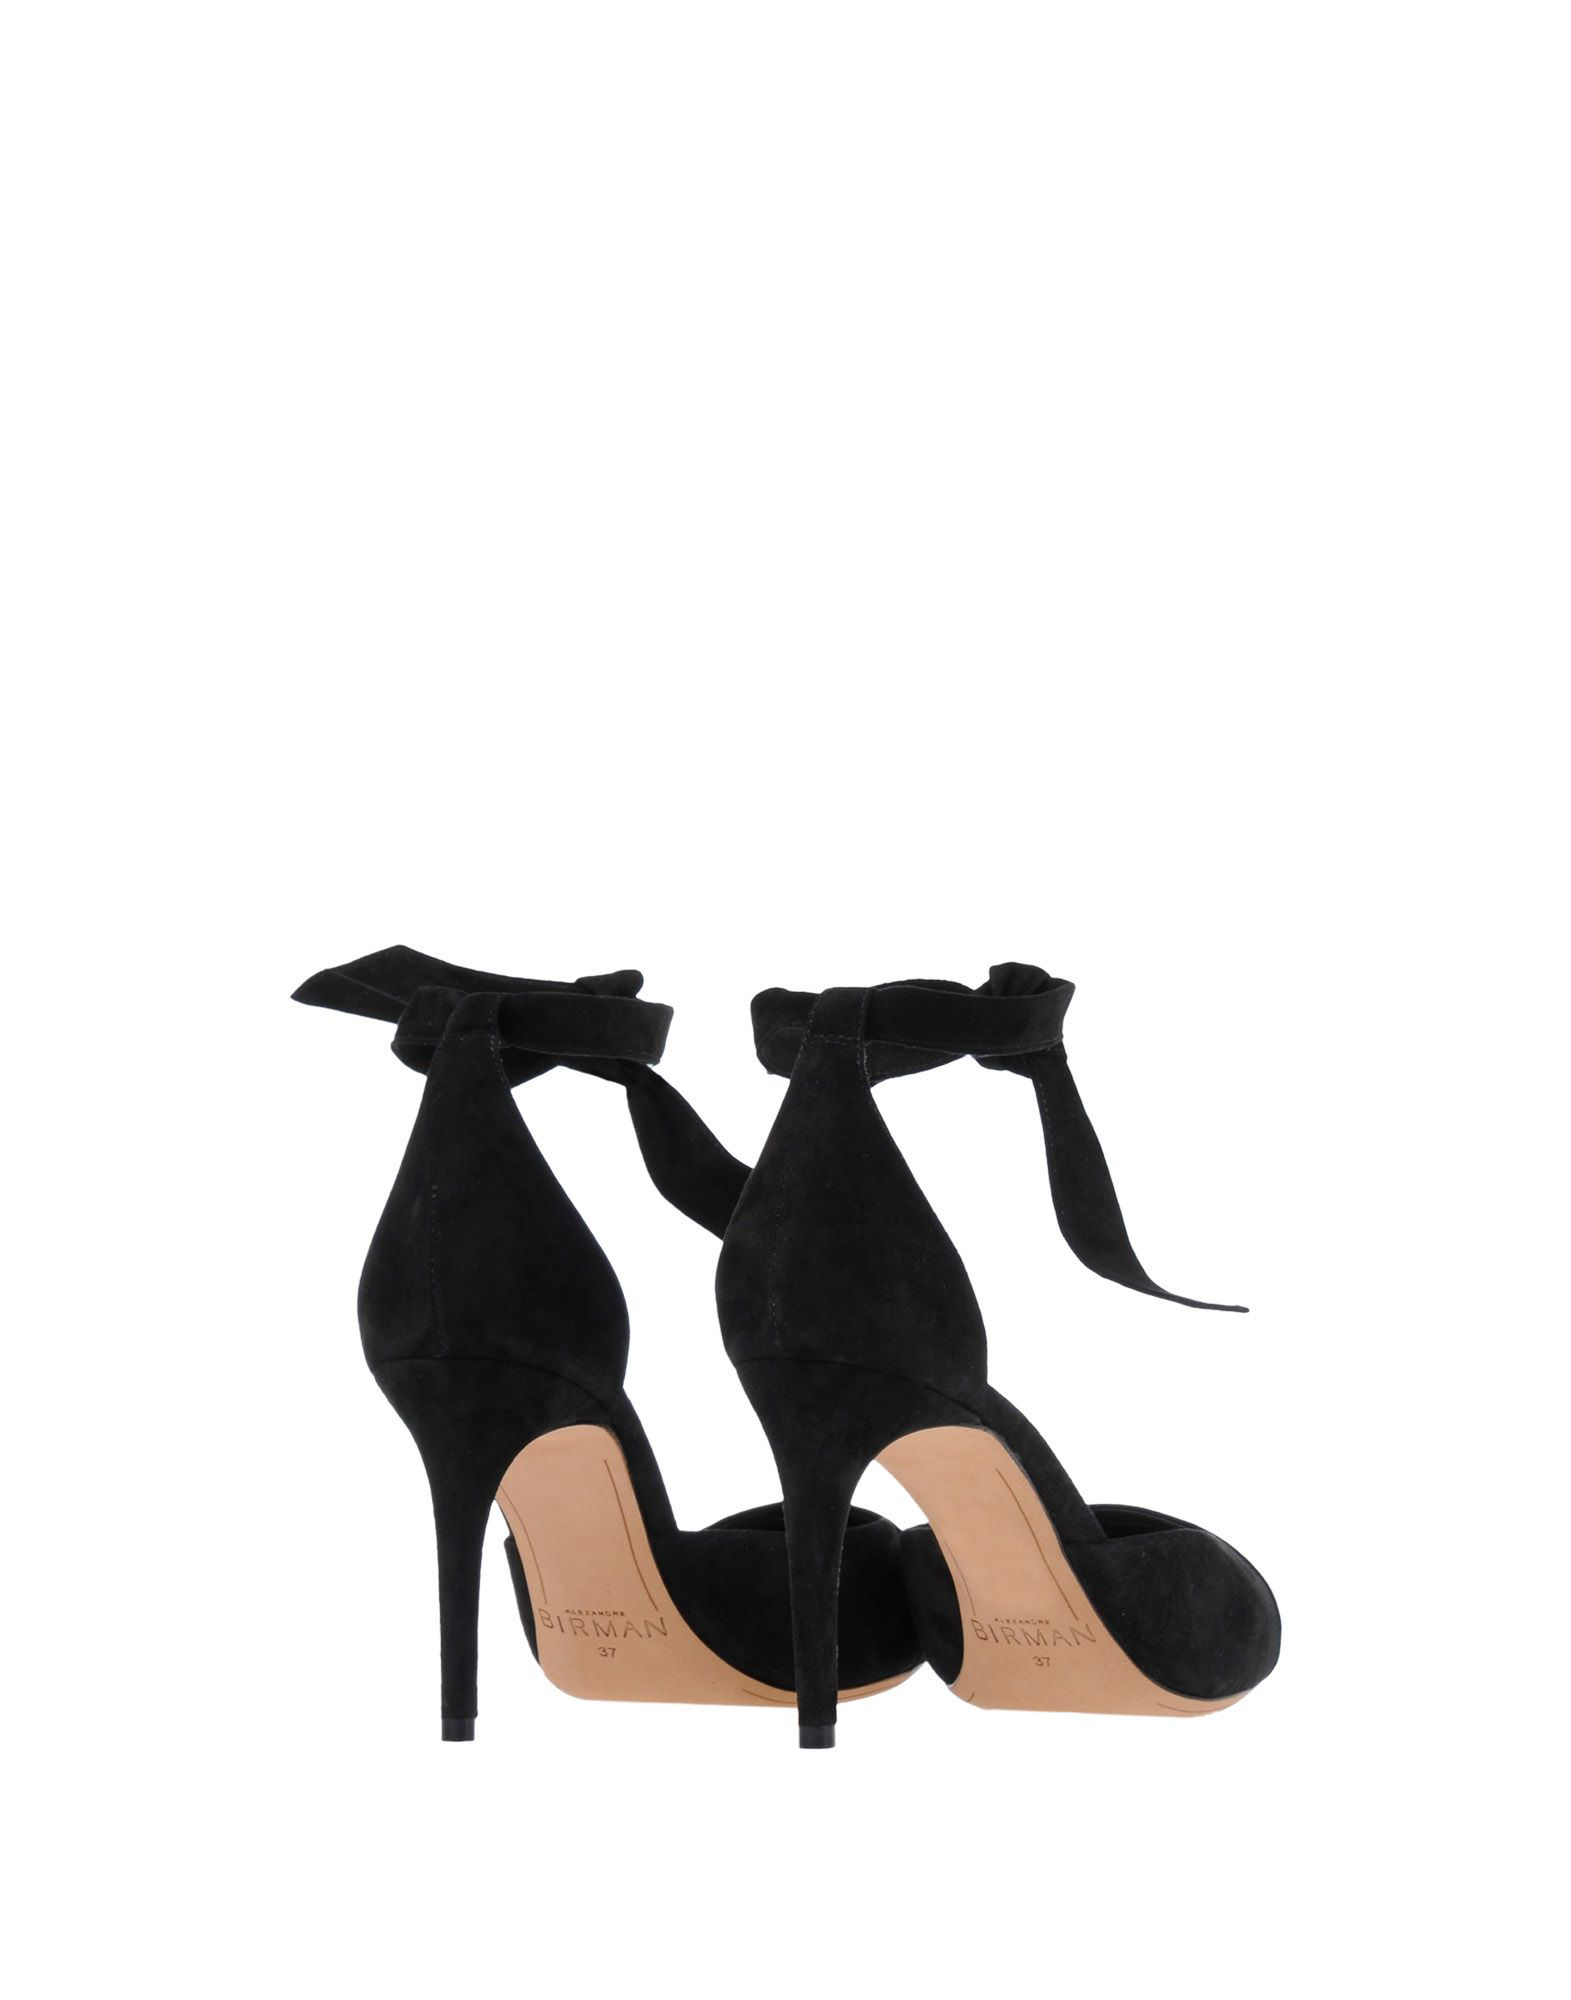 Rabatt Damen Schuhe Alexandre Birman Pumps Damen Rabatt  11233781XO 3b9077